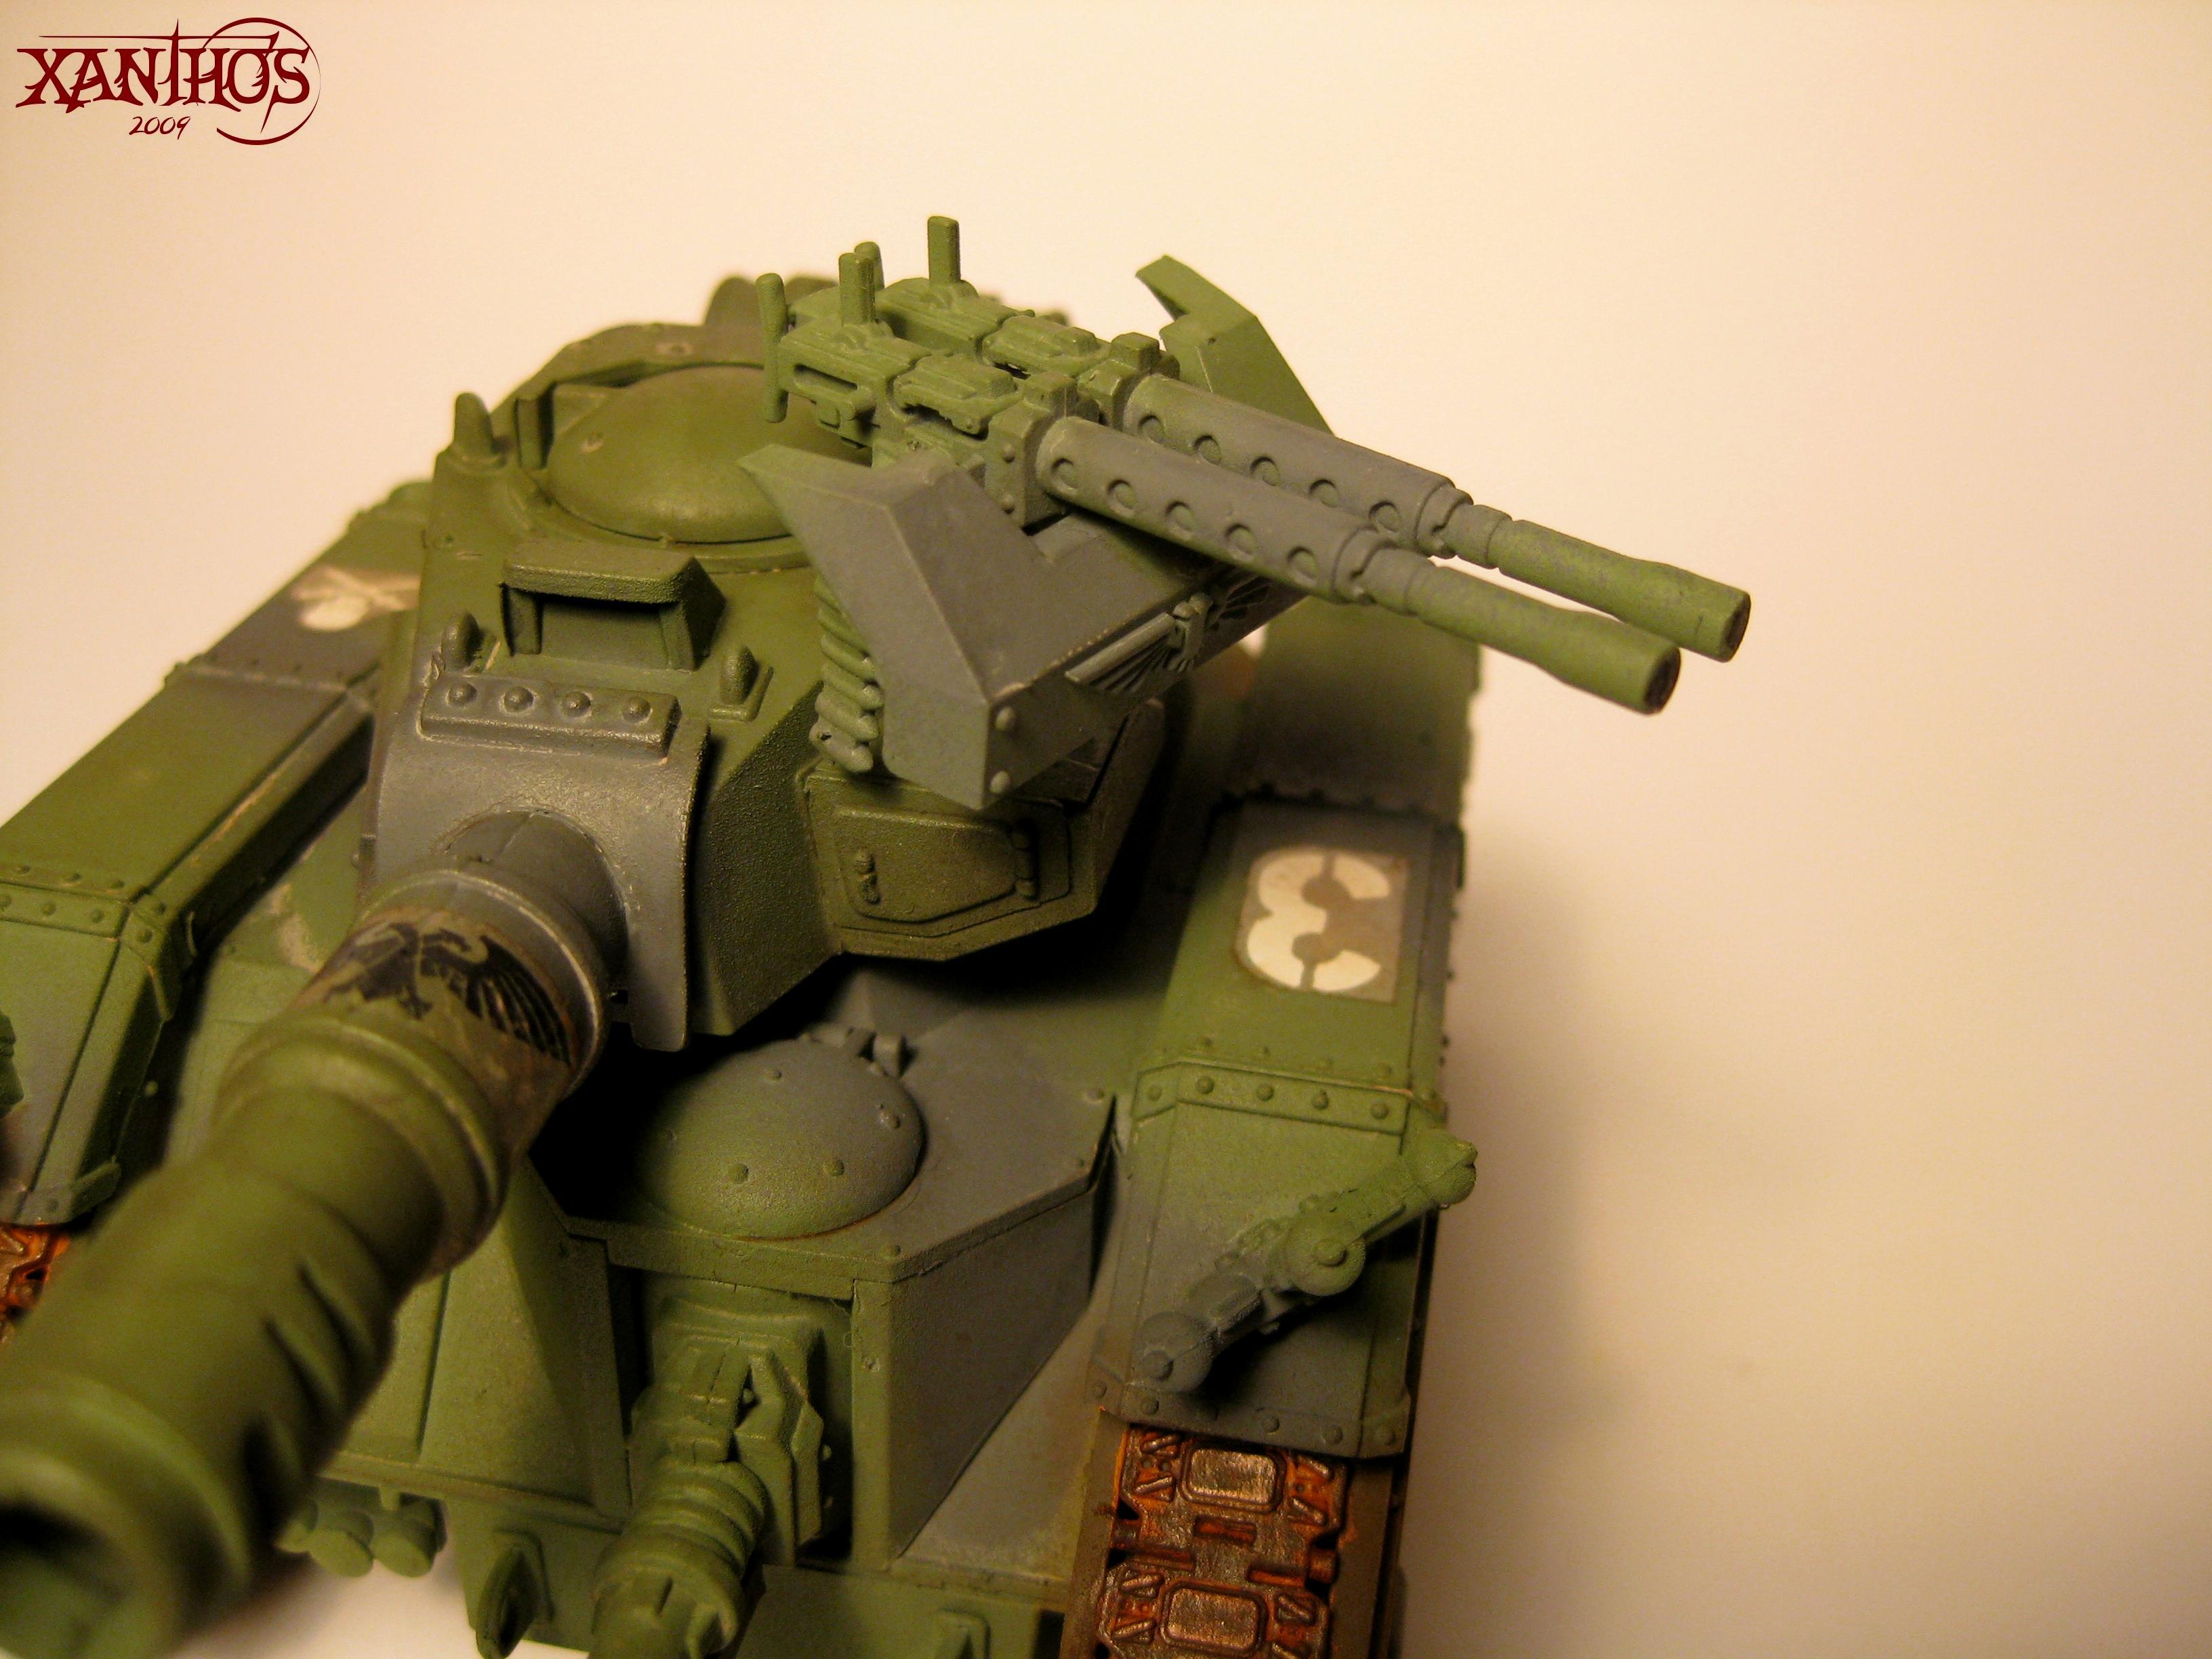 Imperial Guard, Leman Russ, Stubber, Warhammer 40,000